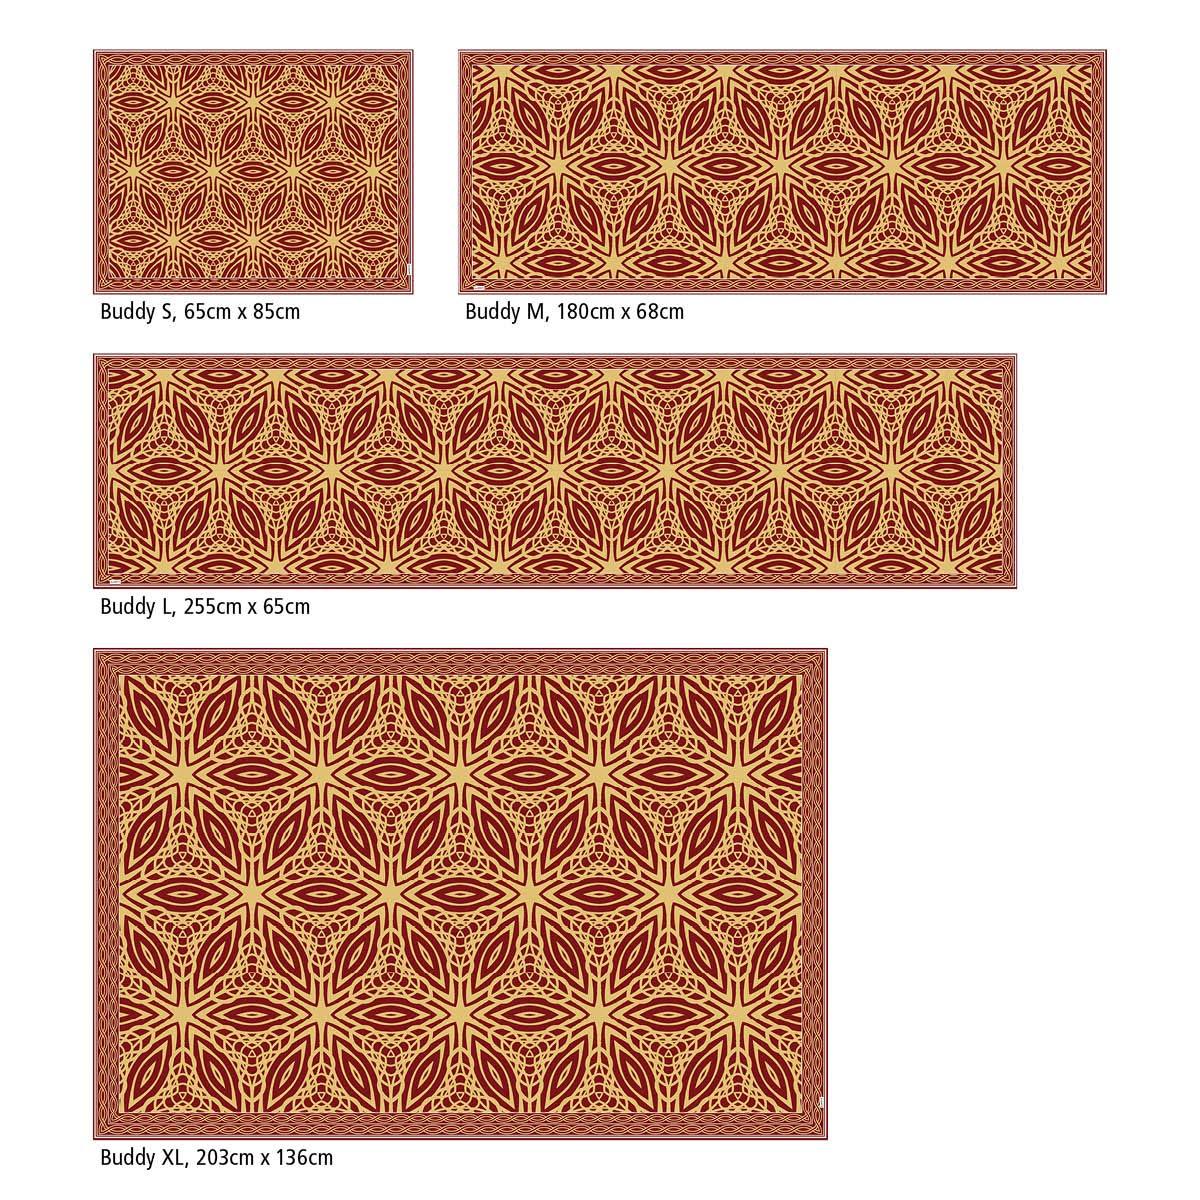 Myspotti Myspotti Myspotti - Buddy Chadi Rutschfeste Bodenschutzmatte aus Vinyl Badematte Küchenläufer Wohnzimmer Deko (180 x 68 cm) B07H9W1TV4 Lufer f8f815